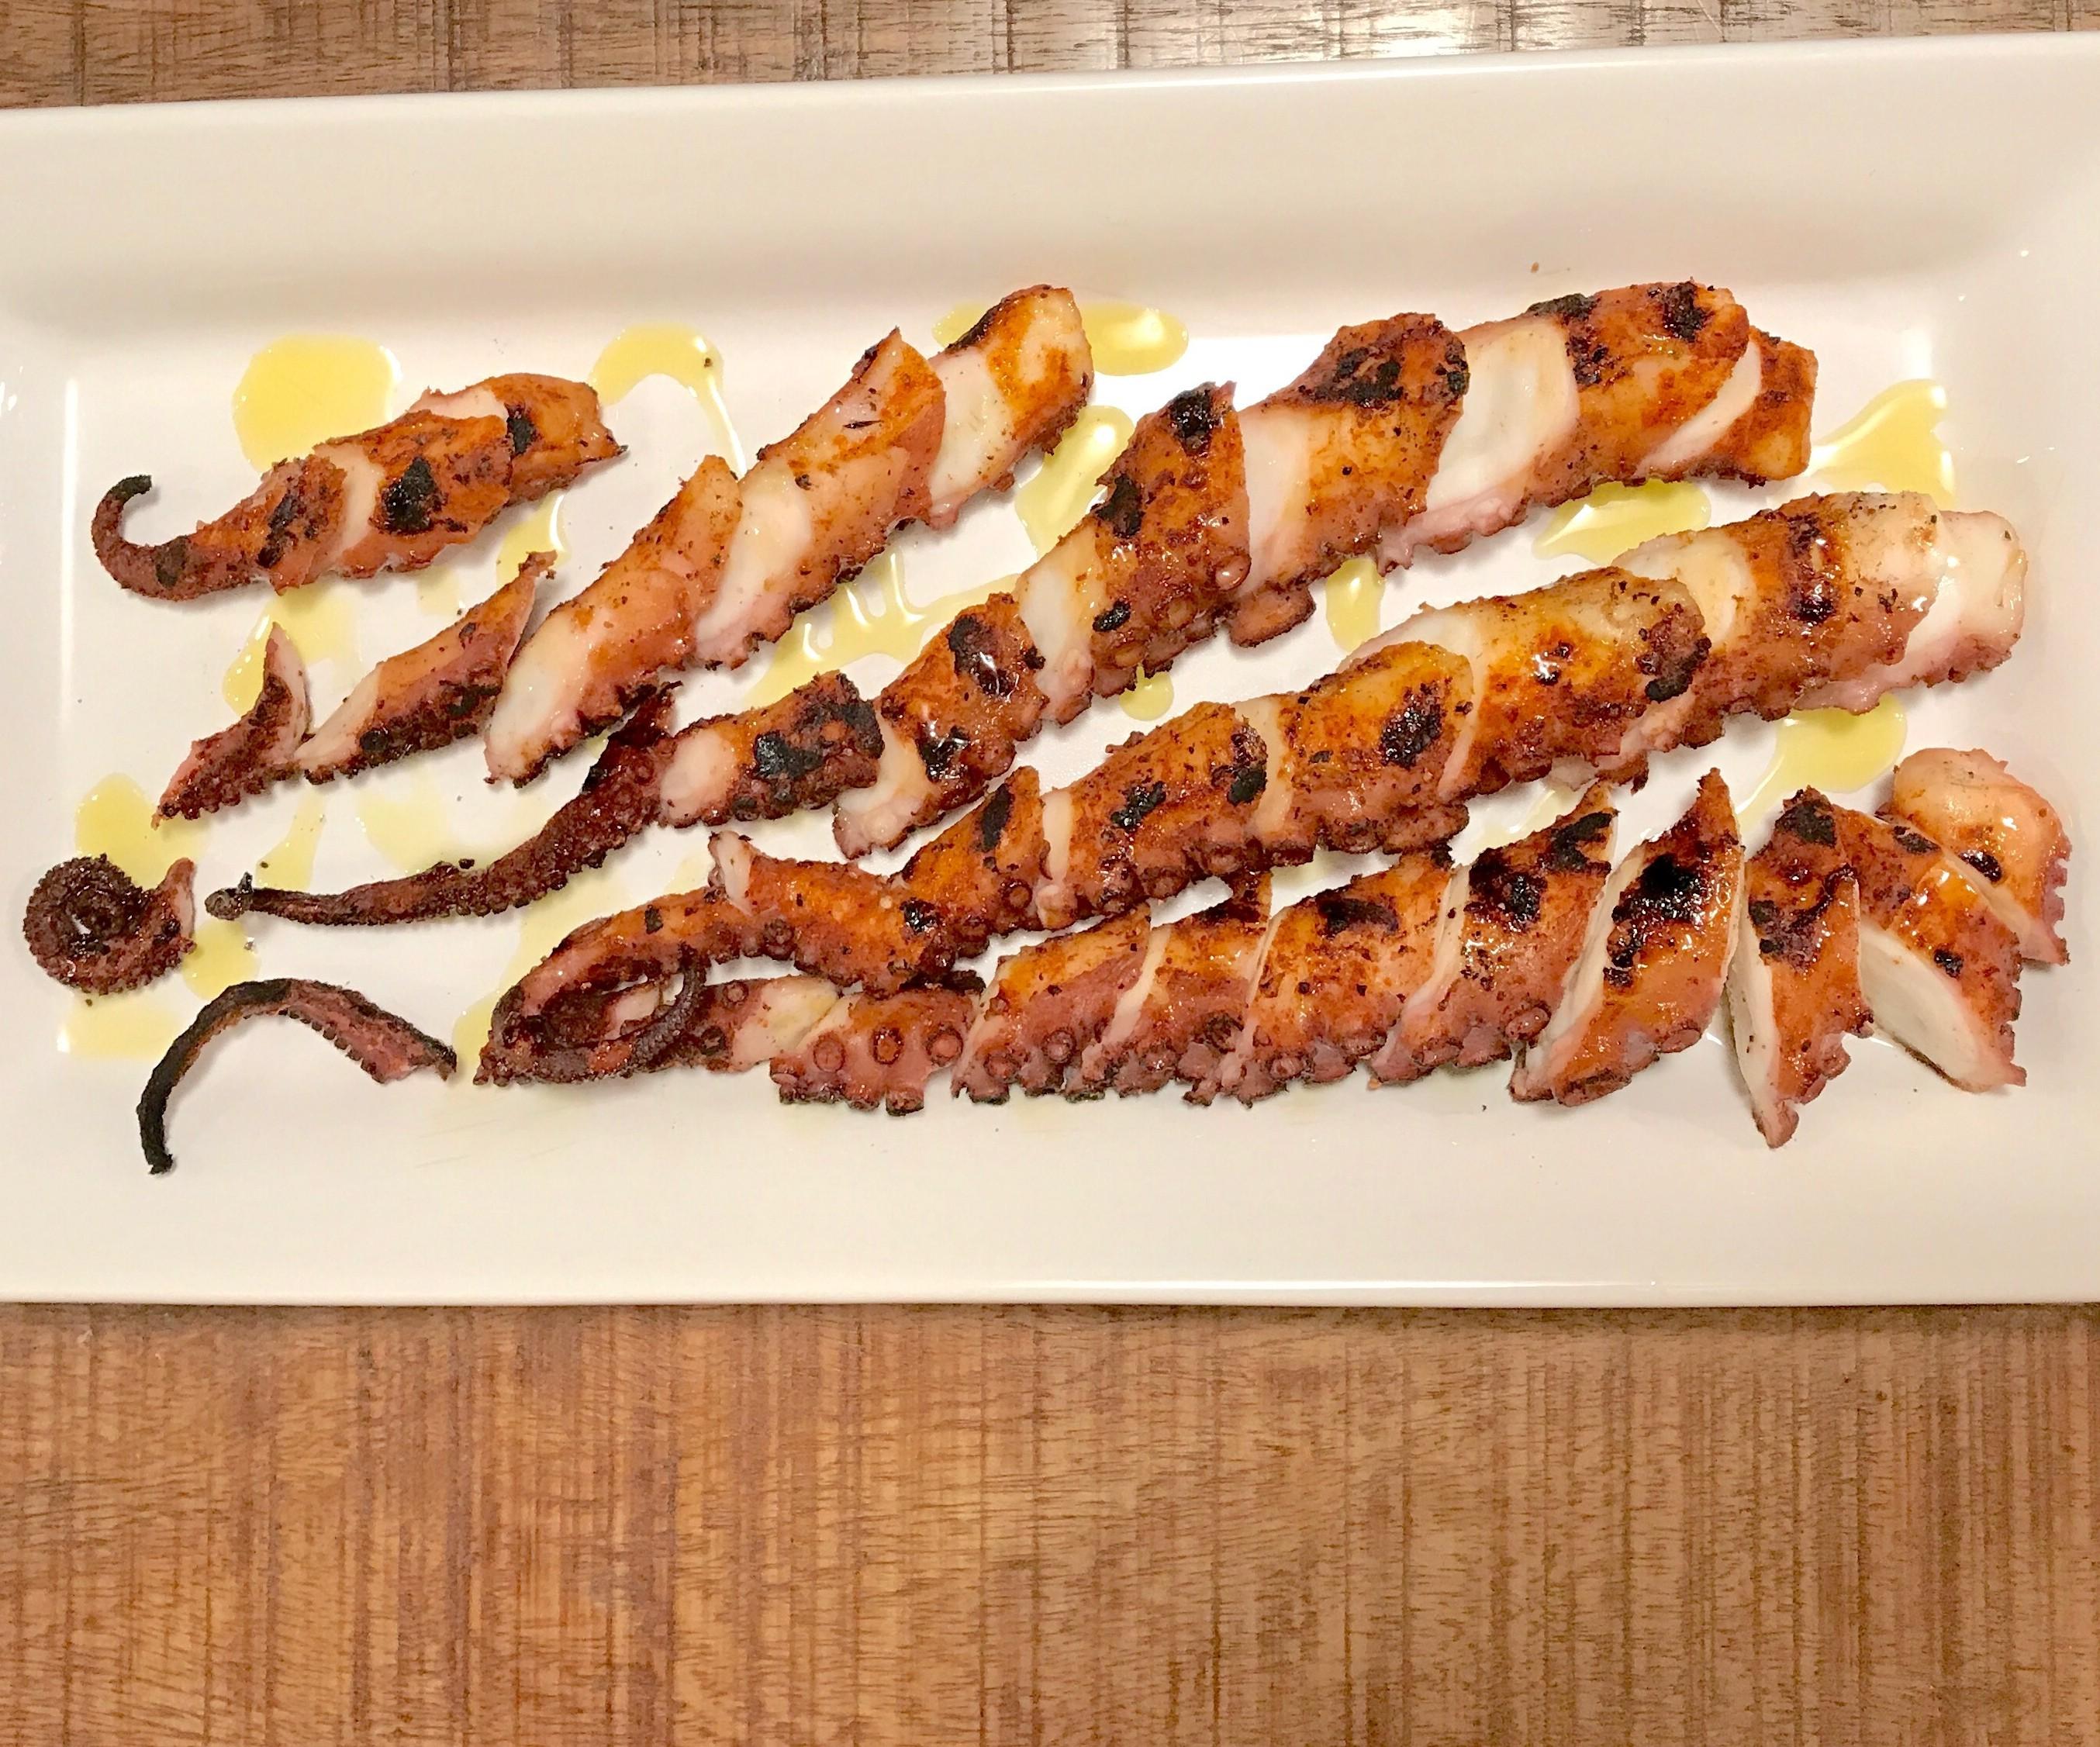 Grill Octopus Legs / Polvo Grelhado